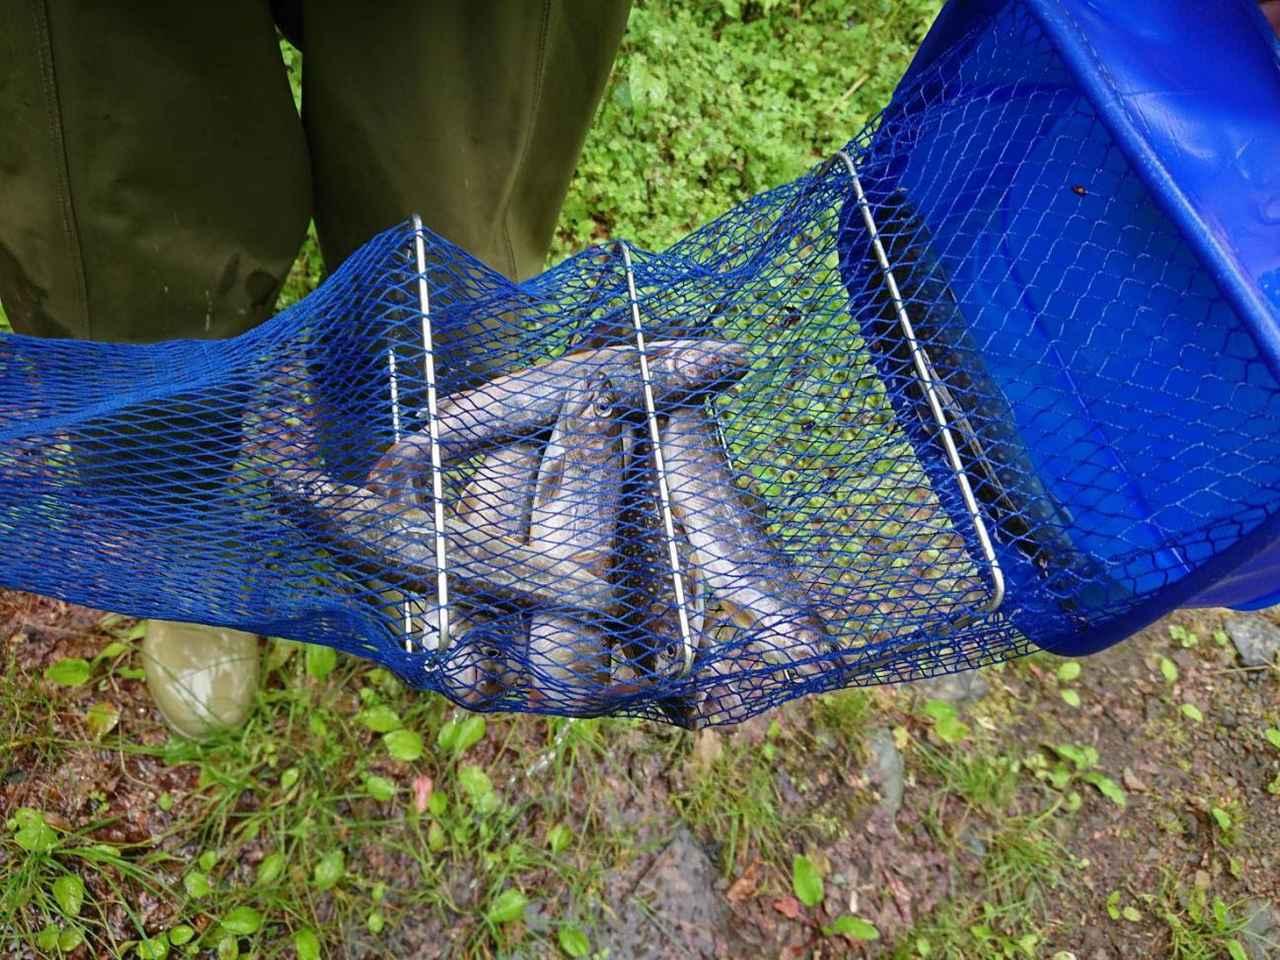 画像: 筆者撮影 キャンプ場周辺の川で釣れたイワナ